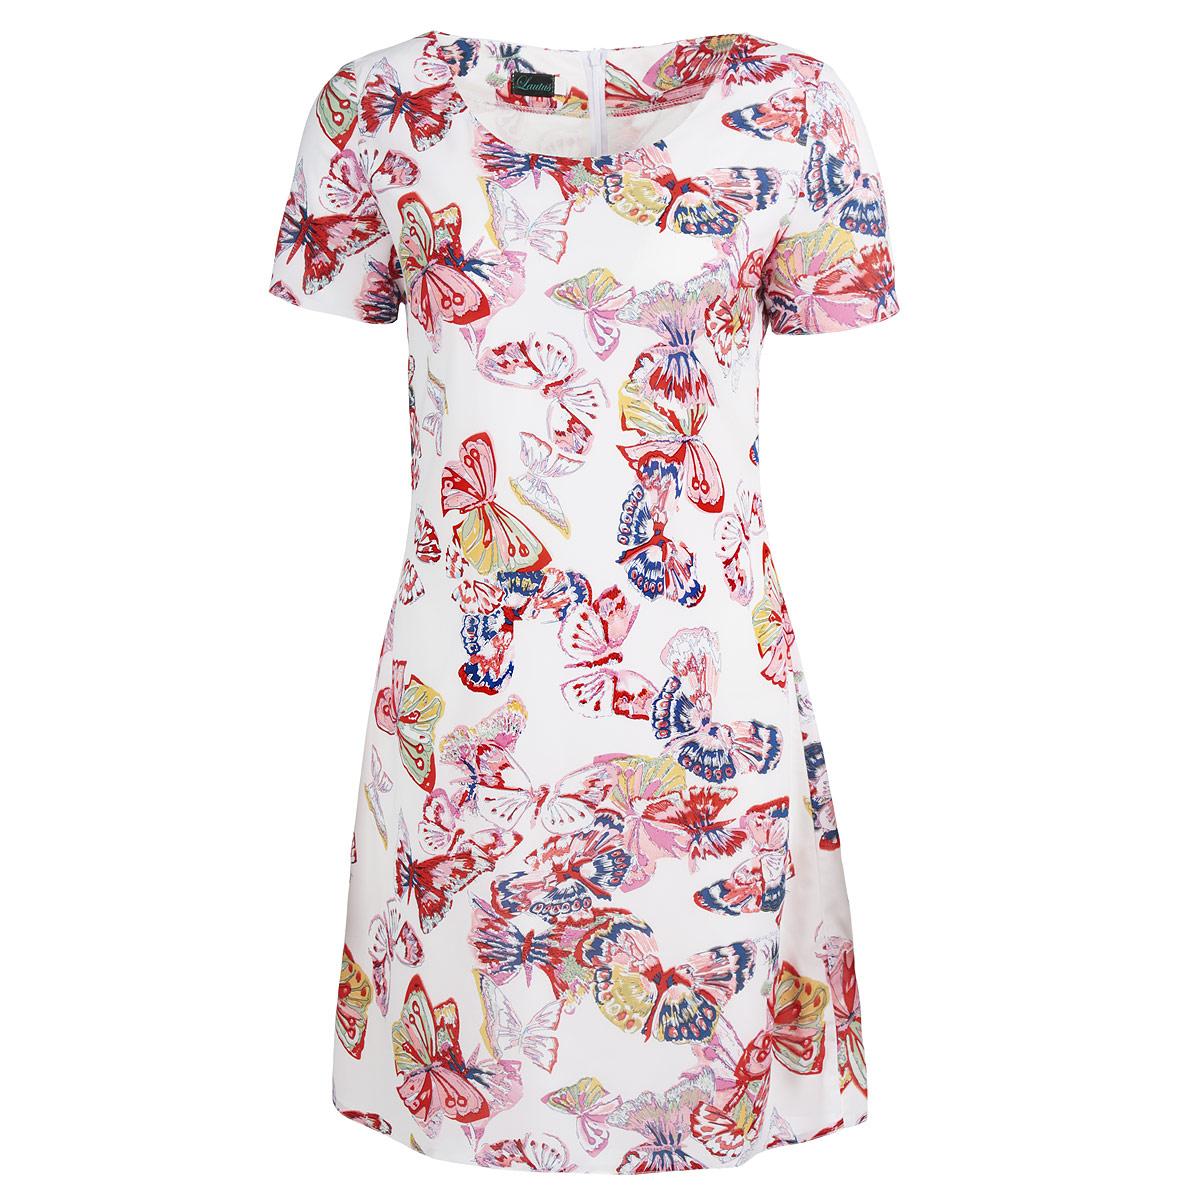 Платье Lautus, цвет: белый, красный, синий. 637. Размер 48637Яркое платье Lautus, выполненное из высококачественного полиэстера с небольшим добавлением эластана, придется по душе любой моднице. Платье приталенного силуэта с круглым вырезом горловины и короткими рукавами оформлено принтом с изображением бабочек. Для максимального комфорта изделие дополнено подкладкой из тонкого эластичного материала. На спинке модель застегивается на потайную молнию. Лаконичный крой и актуальная расцветка - отличный вариант для создания эффектного образа.